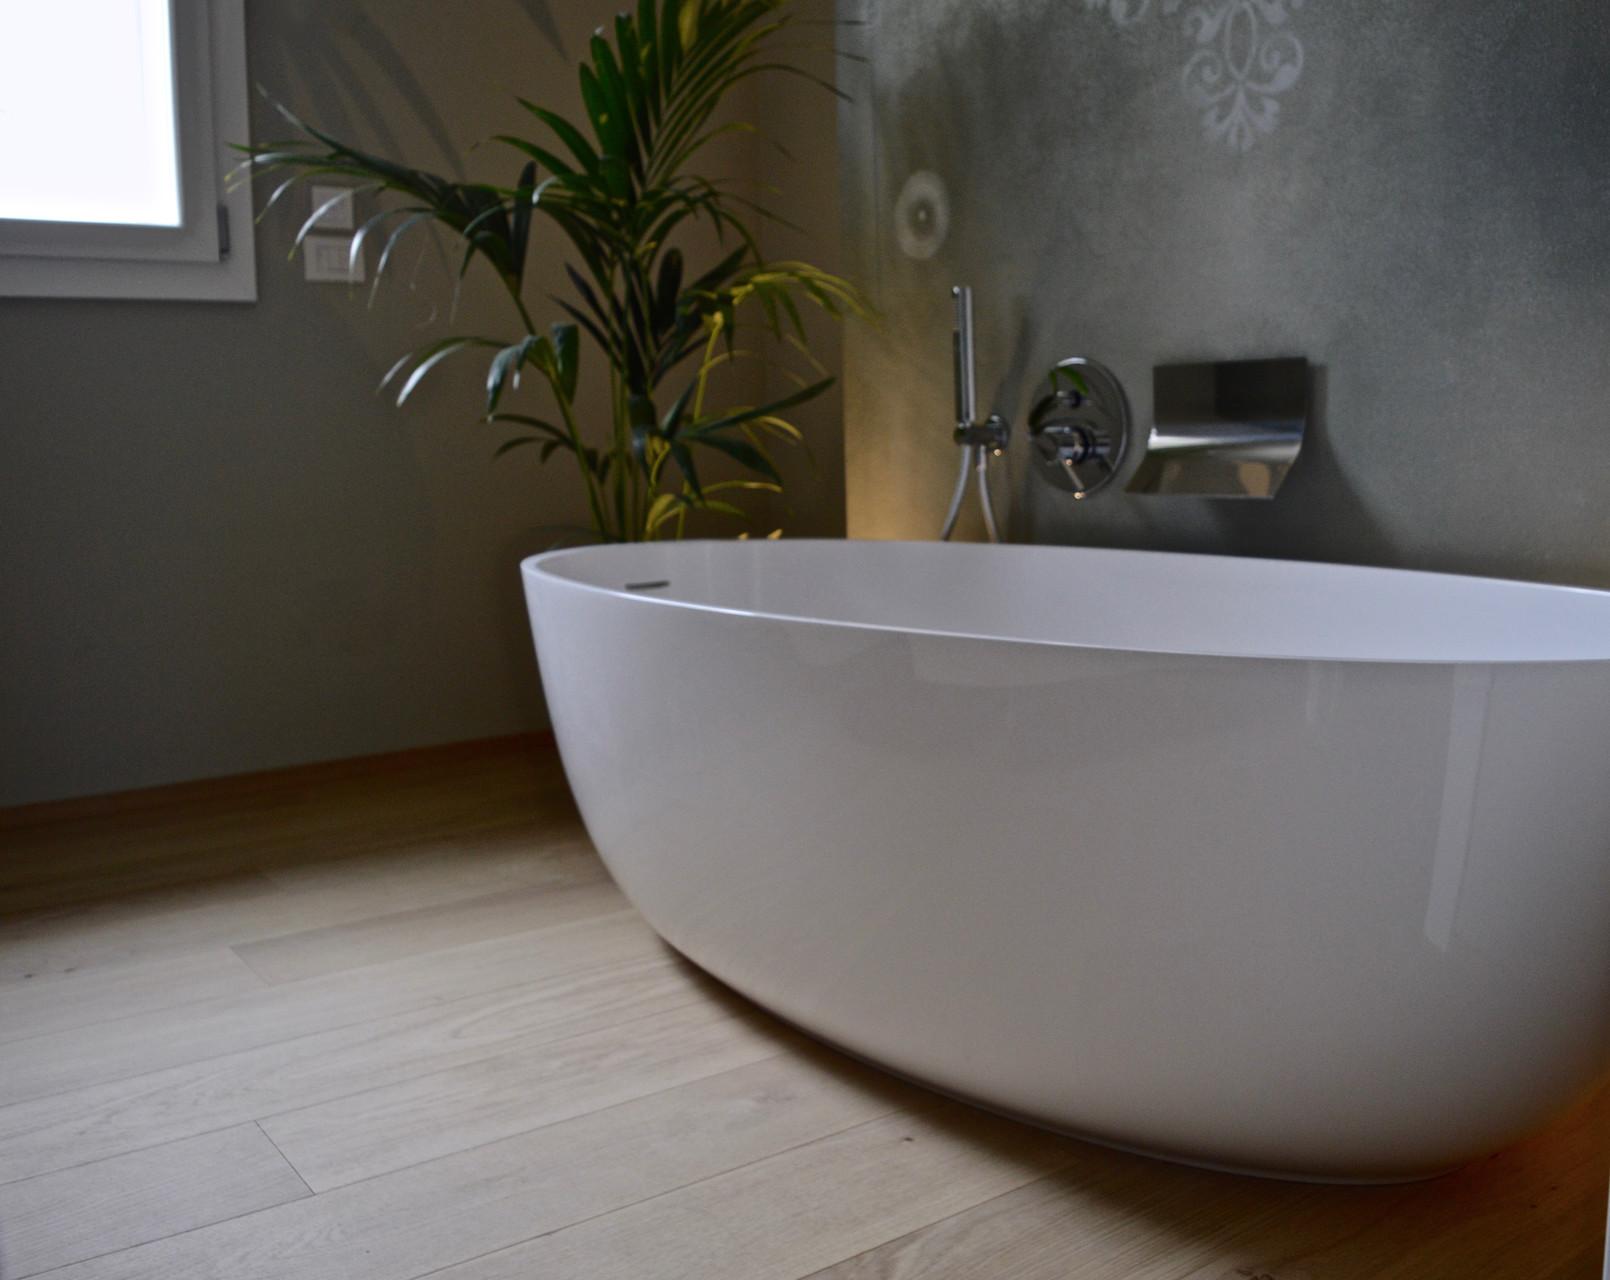 Pavimento in legno per bagno beautiful favoloso pavimenti in legno per bagno idea creativa - Pavimento in legno per bagno ...